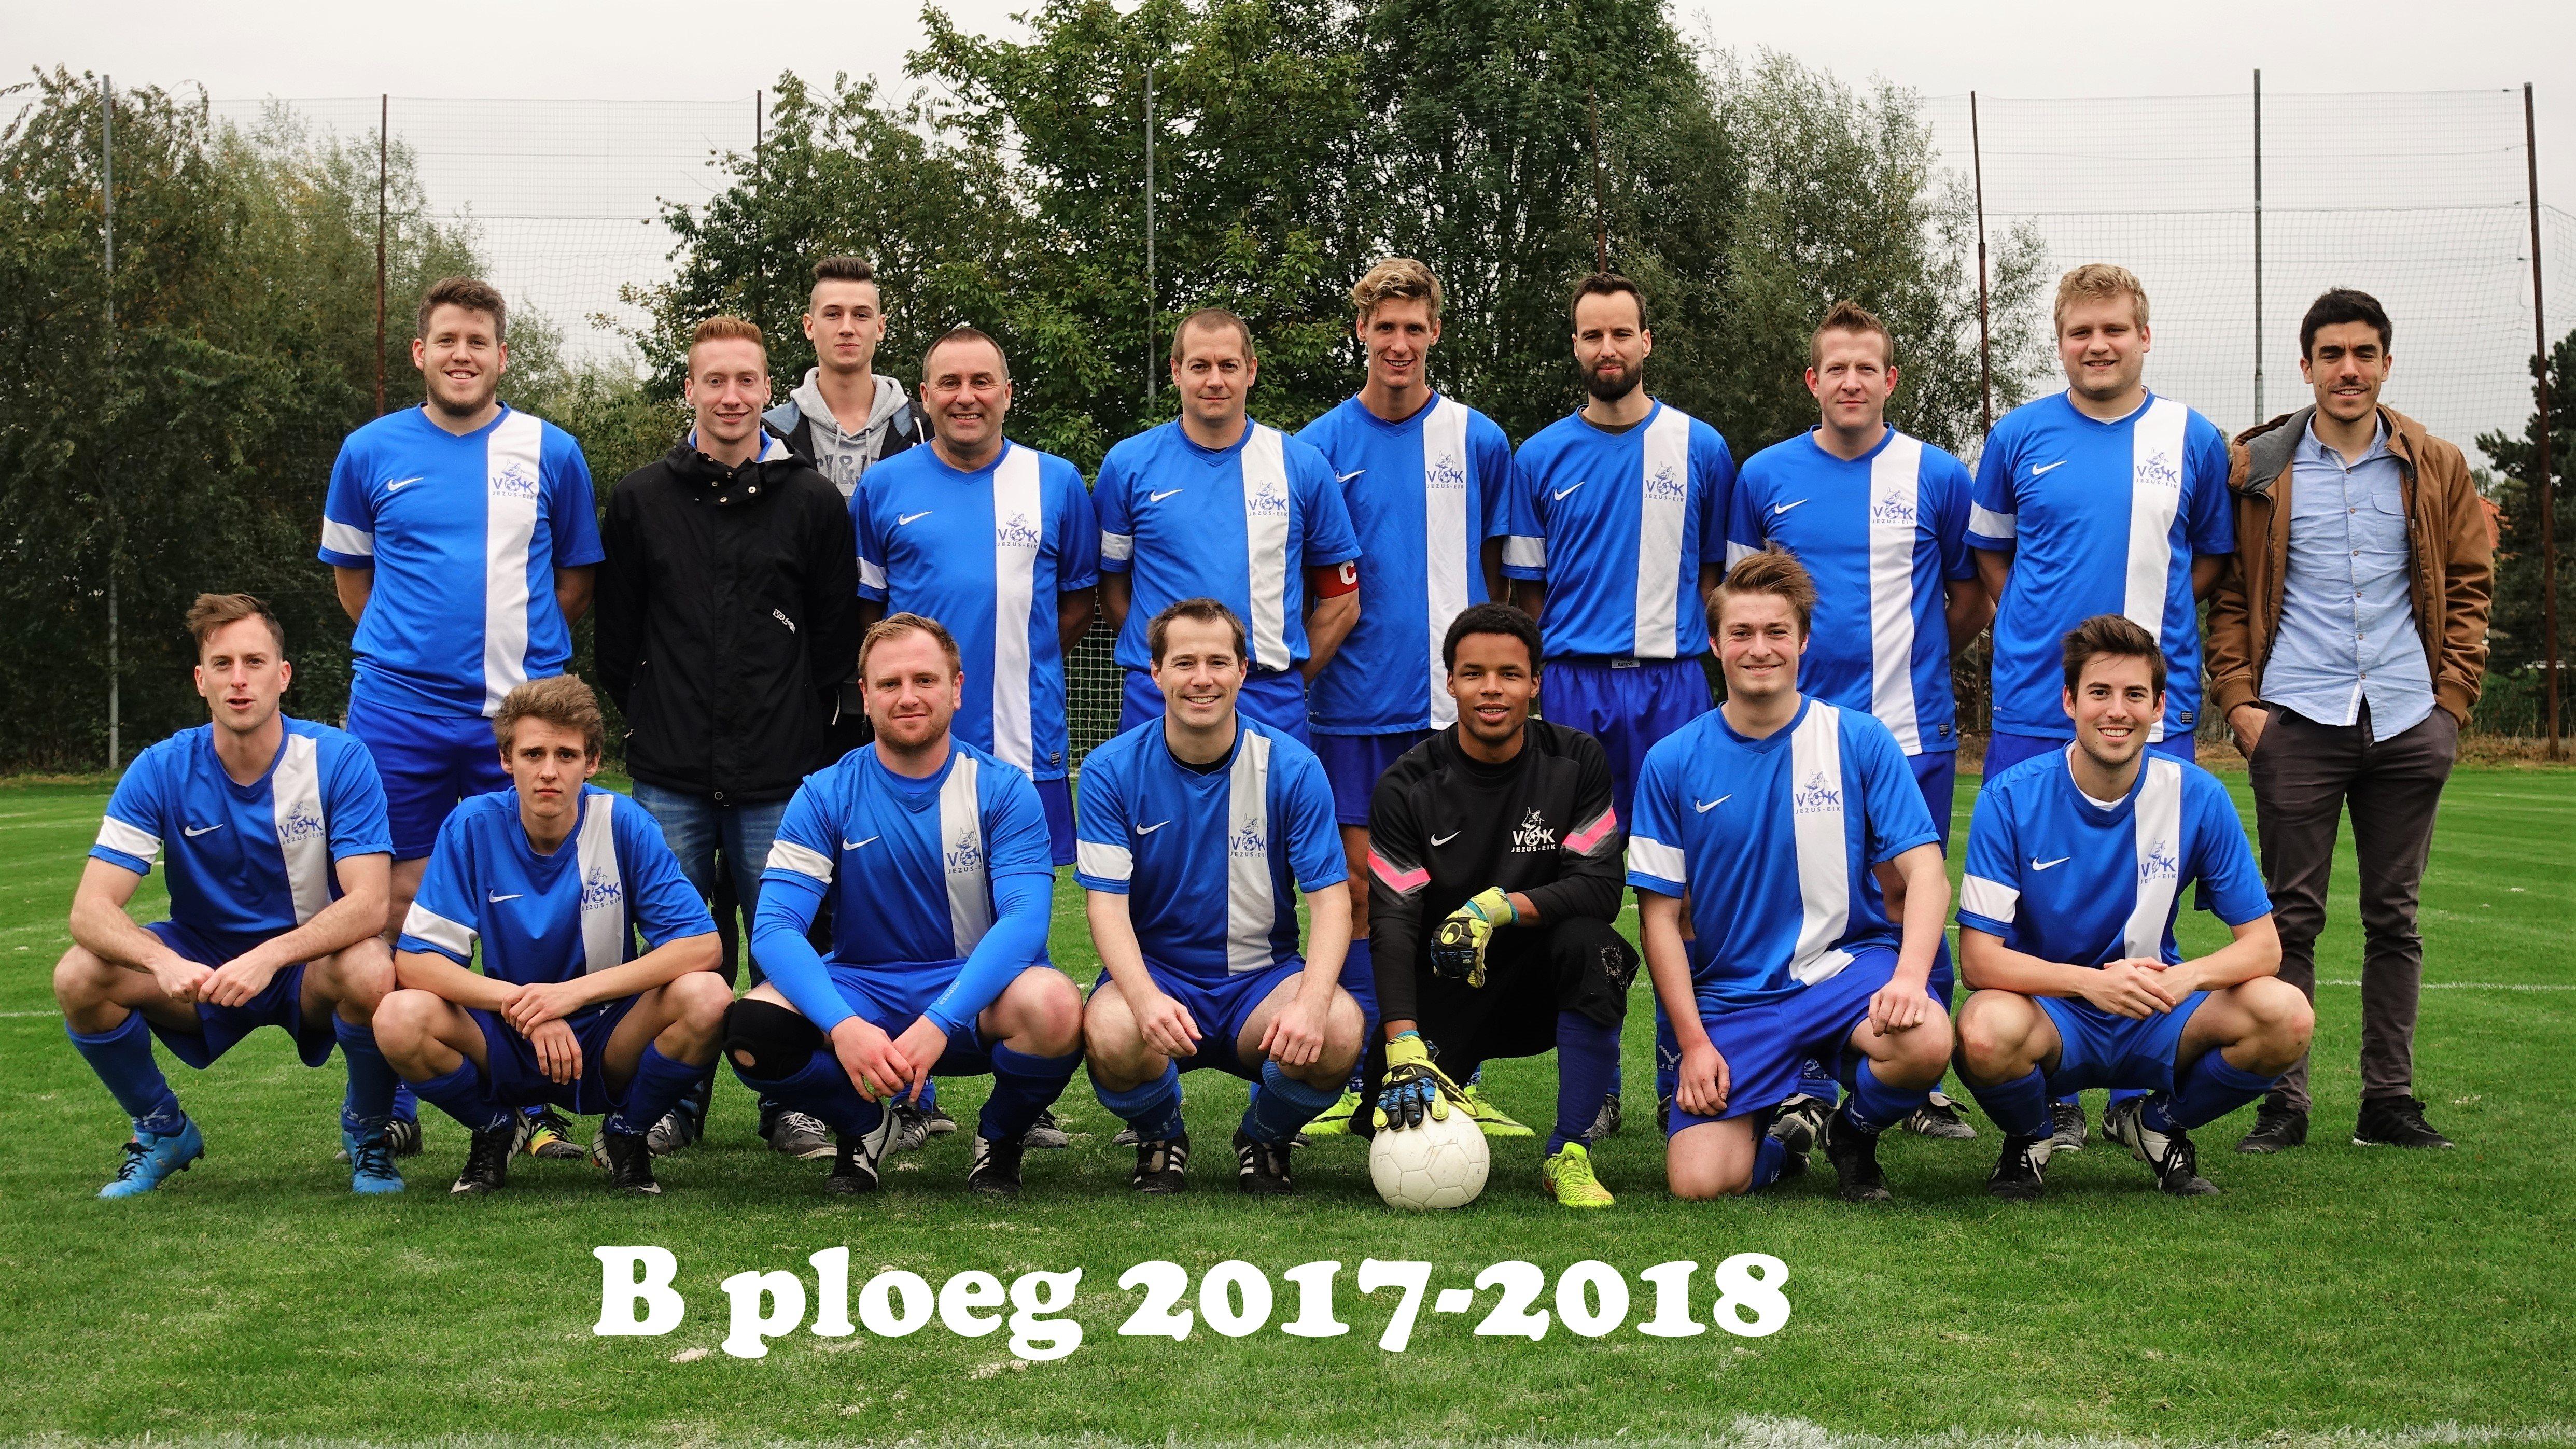 PloegfotoB2